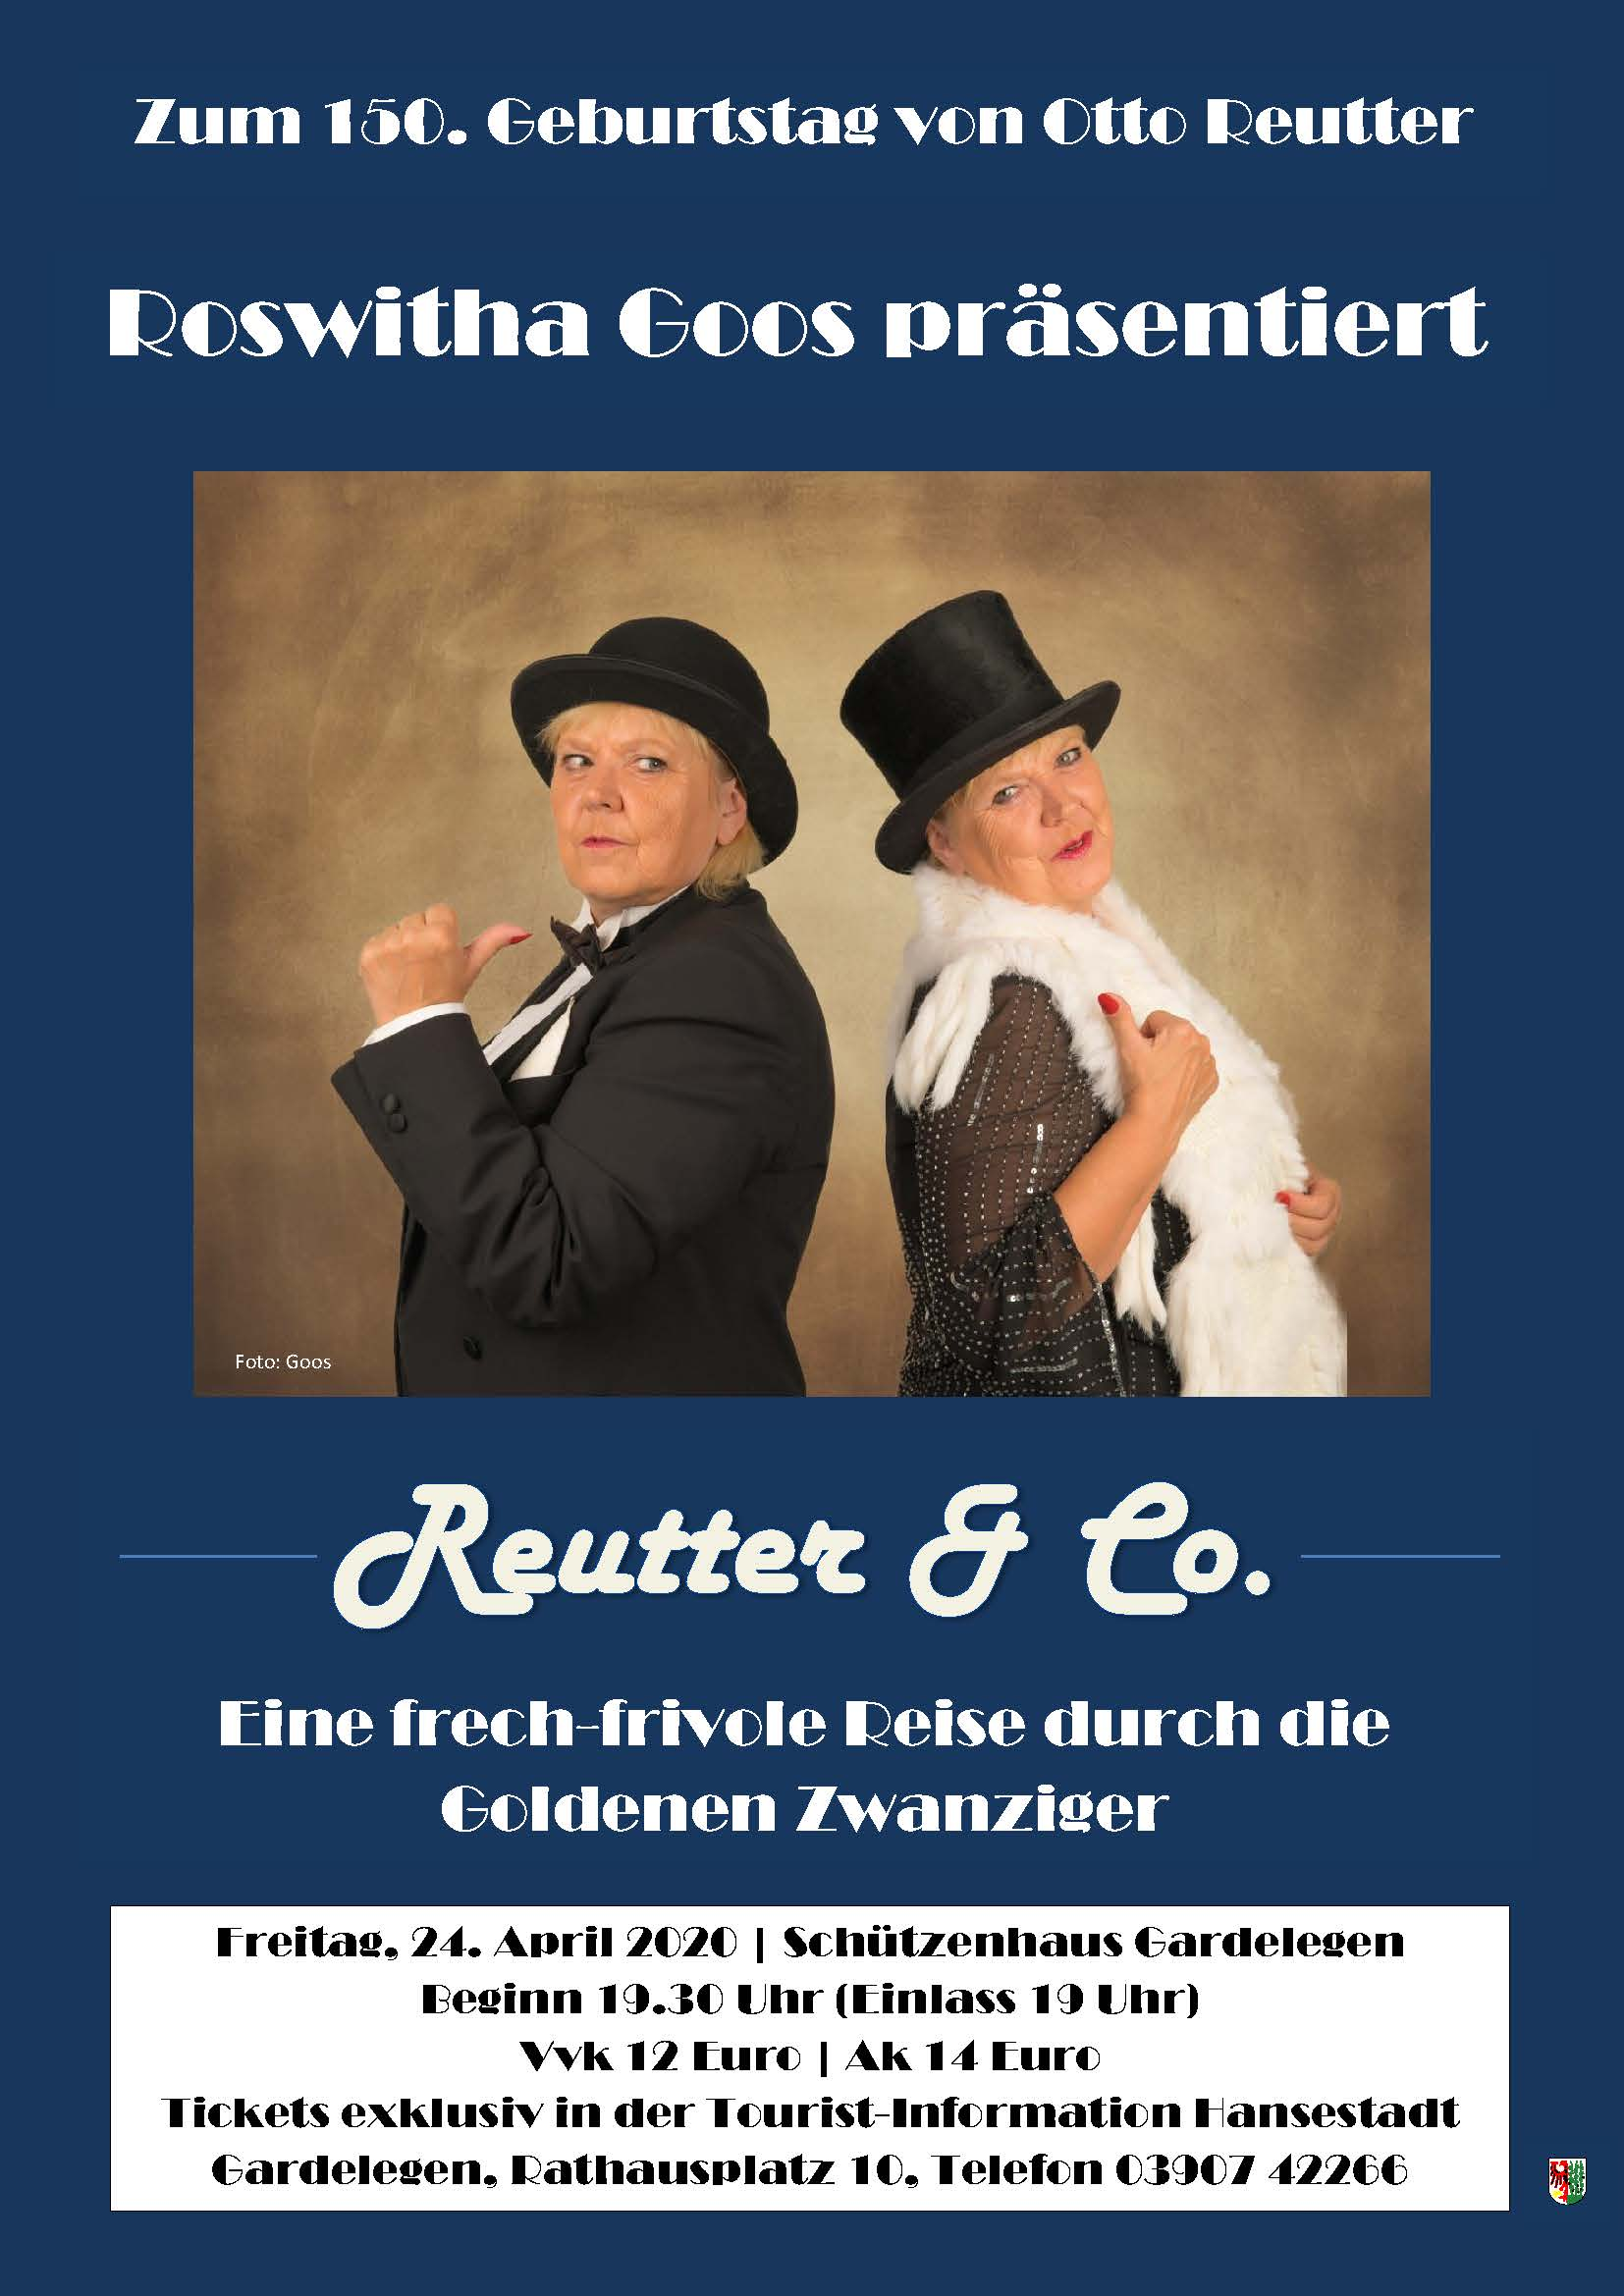 Reutter & Co - eine frech-frivole Reise durch die goldenen Zwanziger